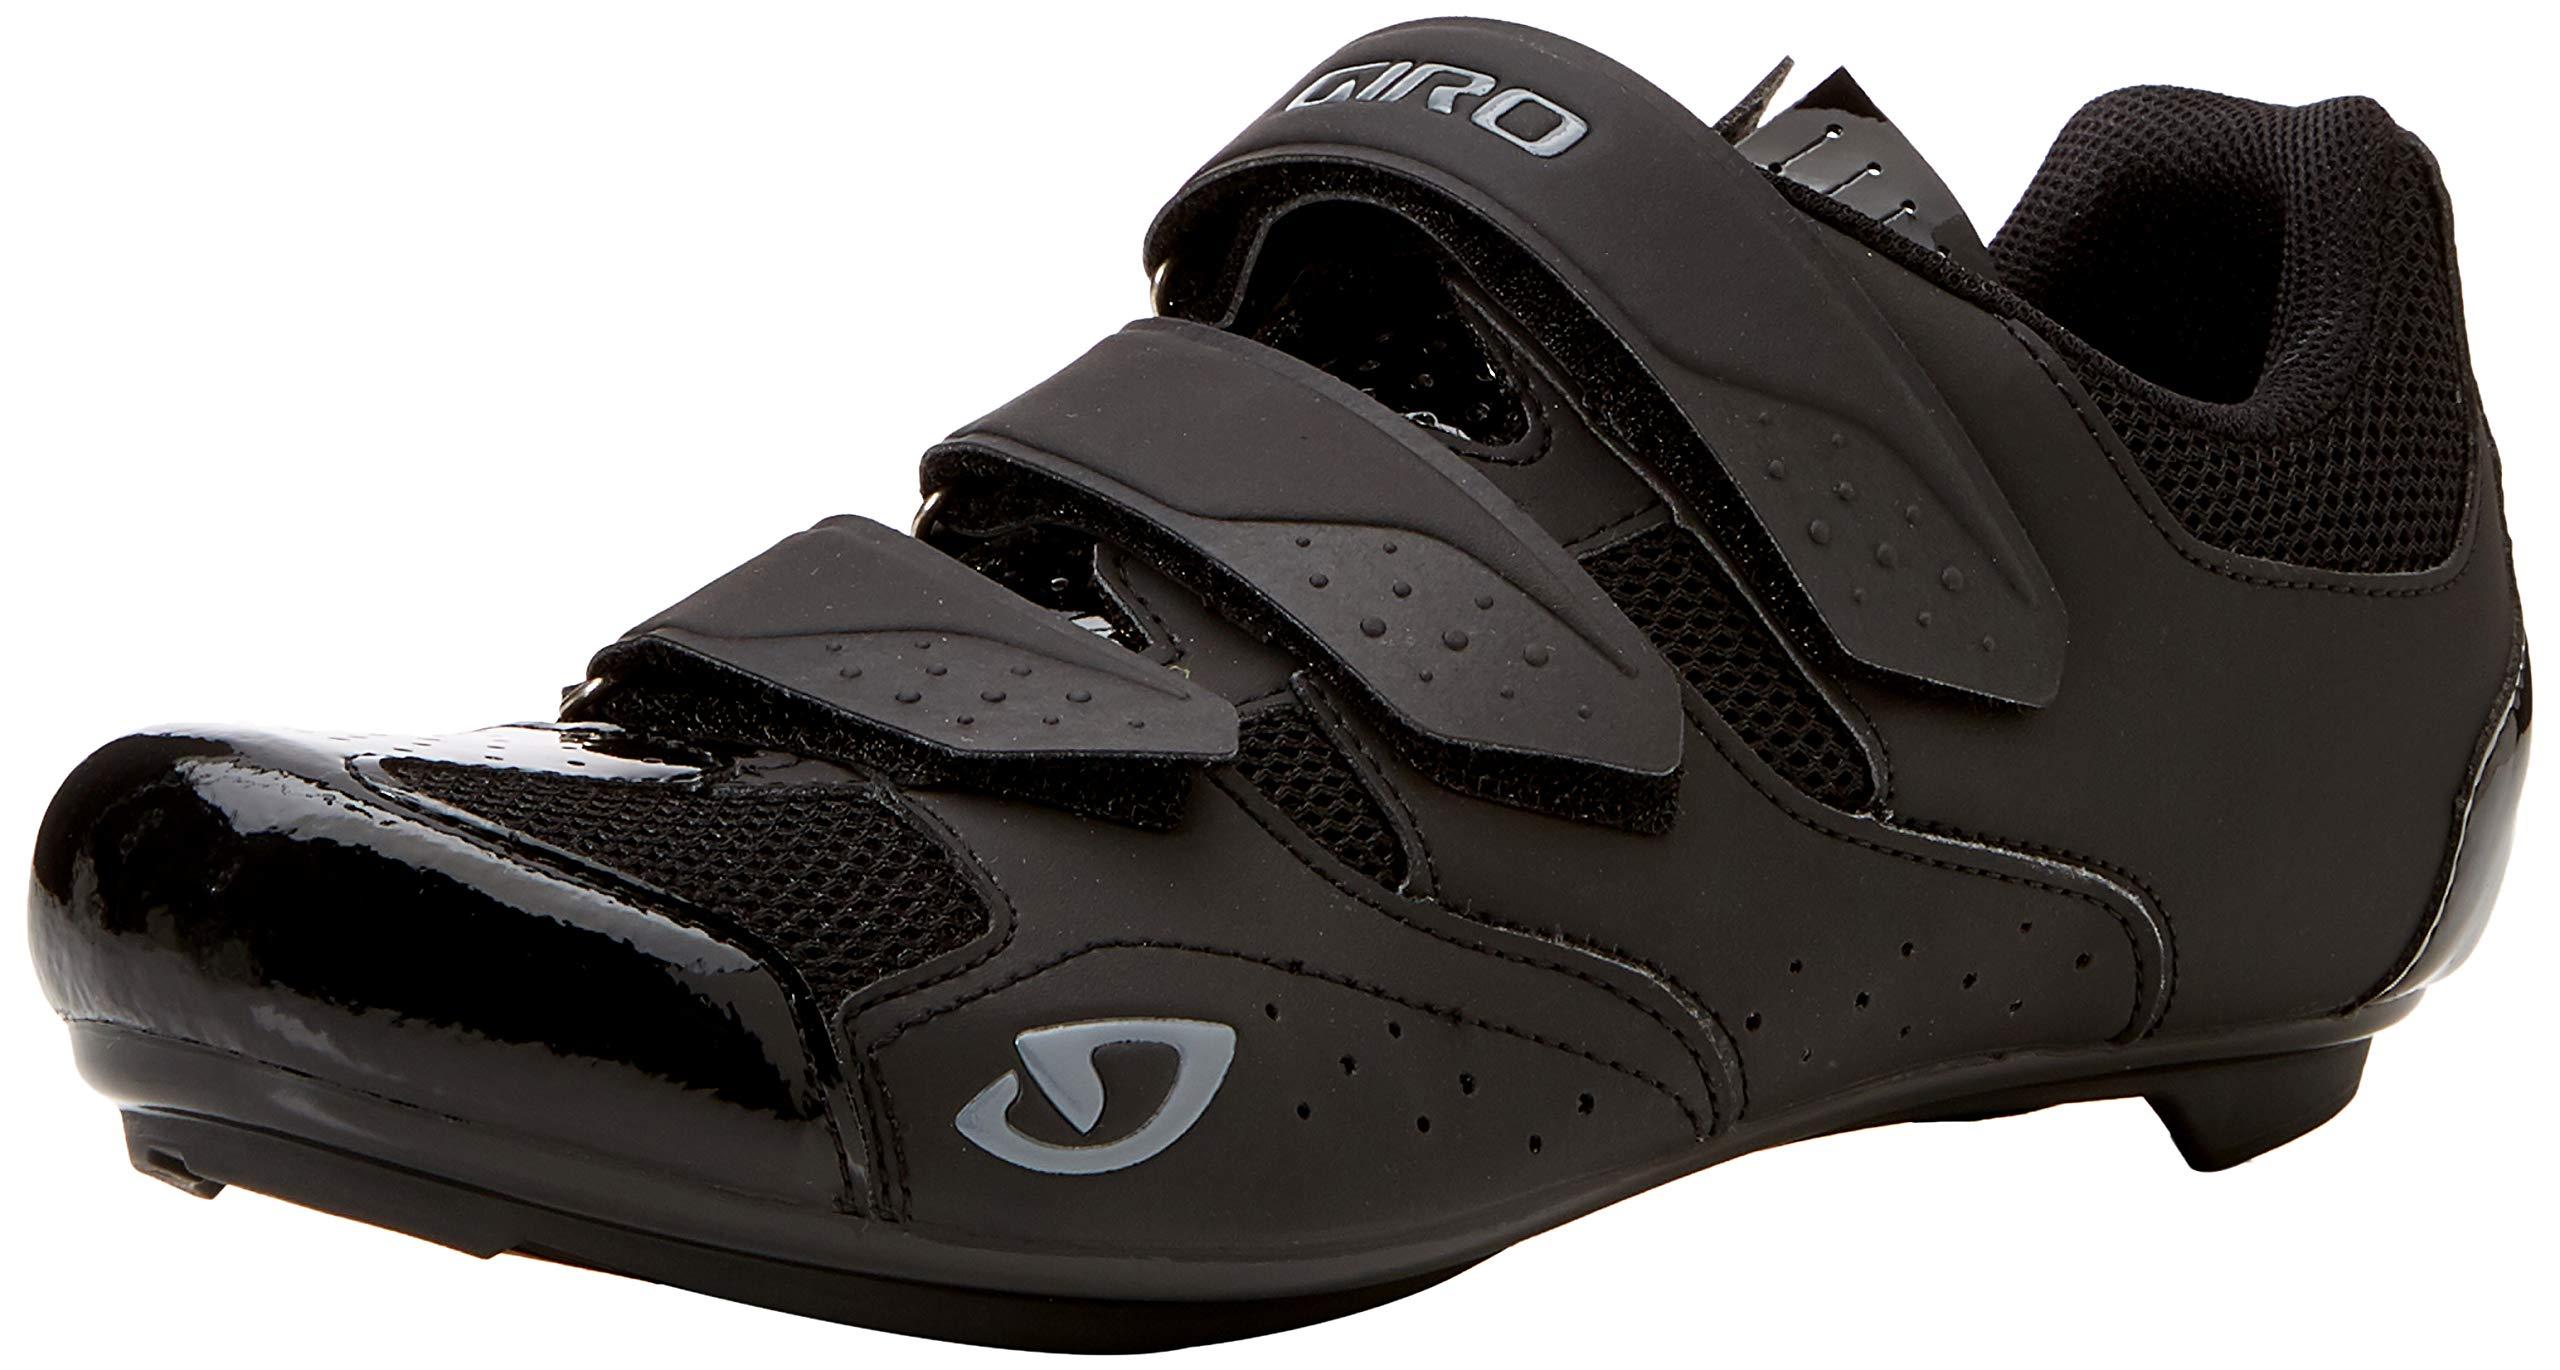 Giro Techne Cycling Shoes - Men's Black 40